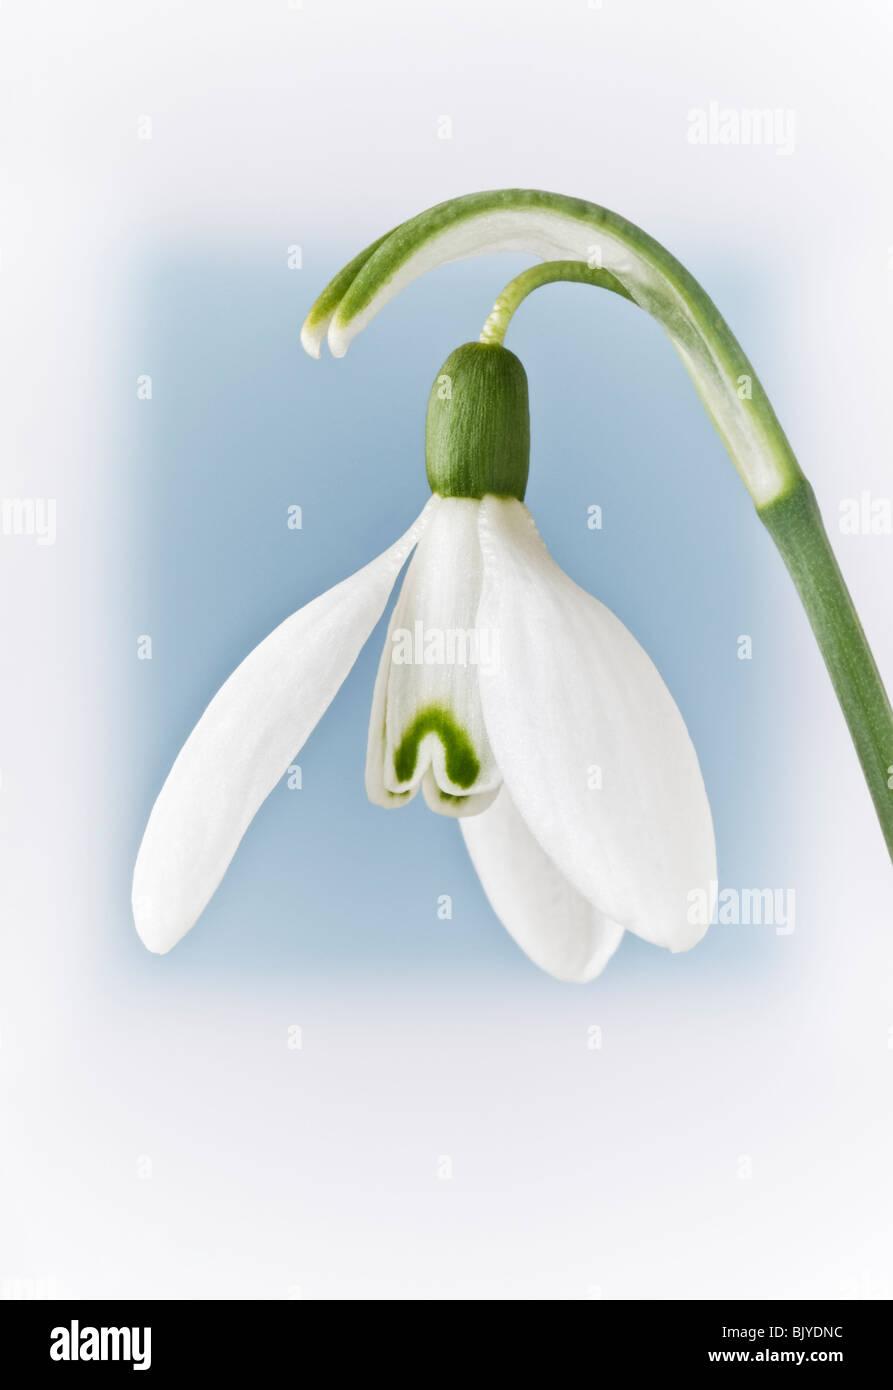 Snowdrop GALANTHUS sfocato sfondo blu Immagini Stock